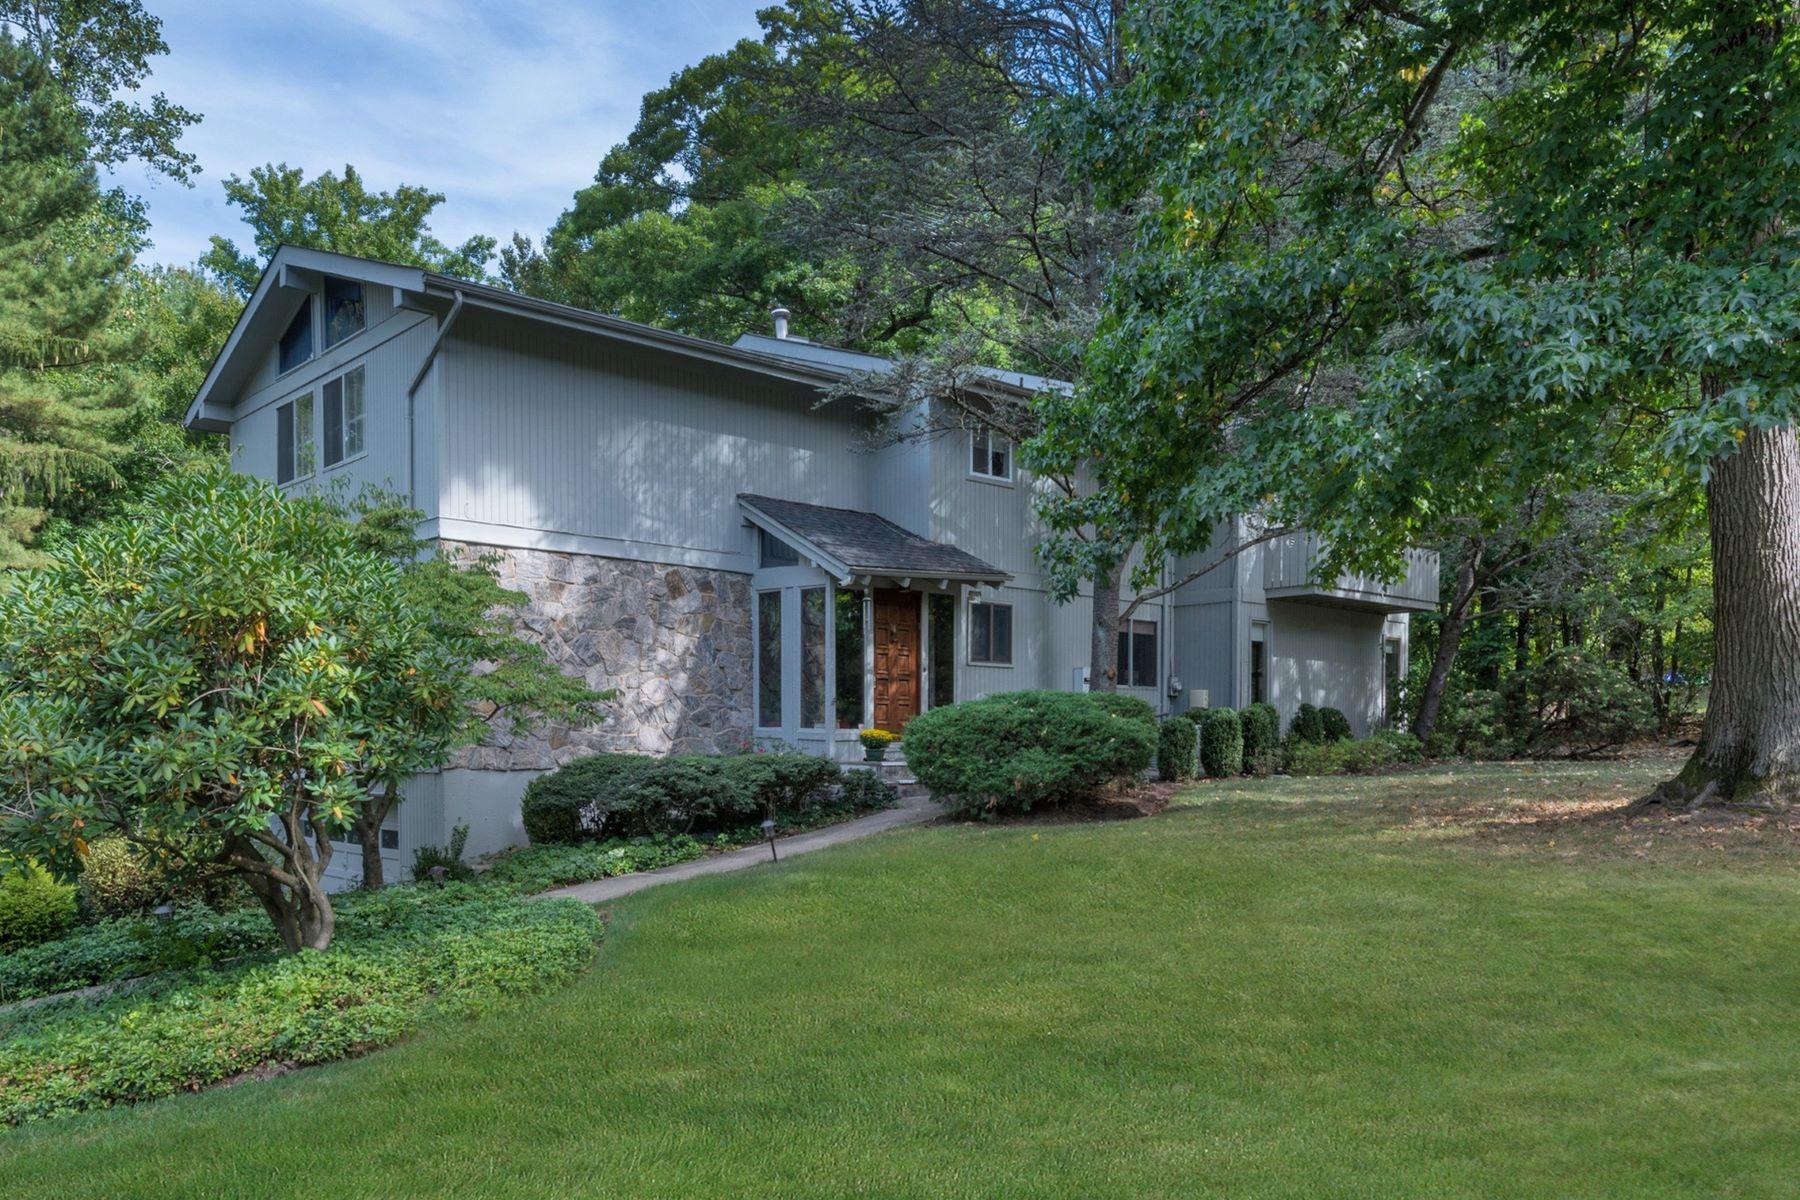 独户住宅 为 销售 在 Home in the Woods 2A Century Road 帕利赛兹, 纽约州 10964 美国